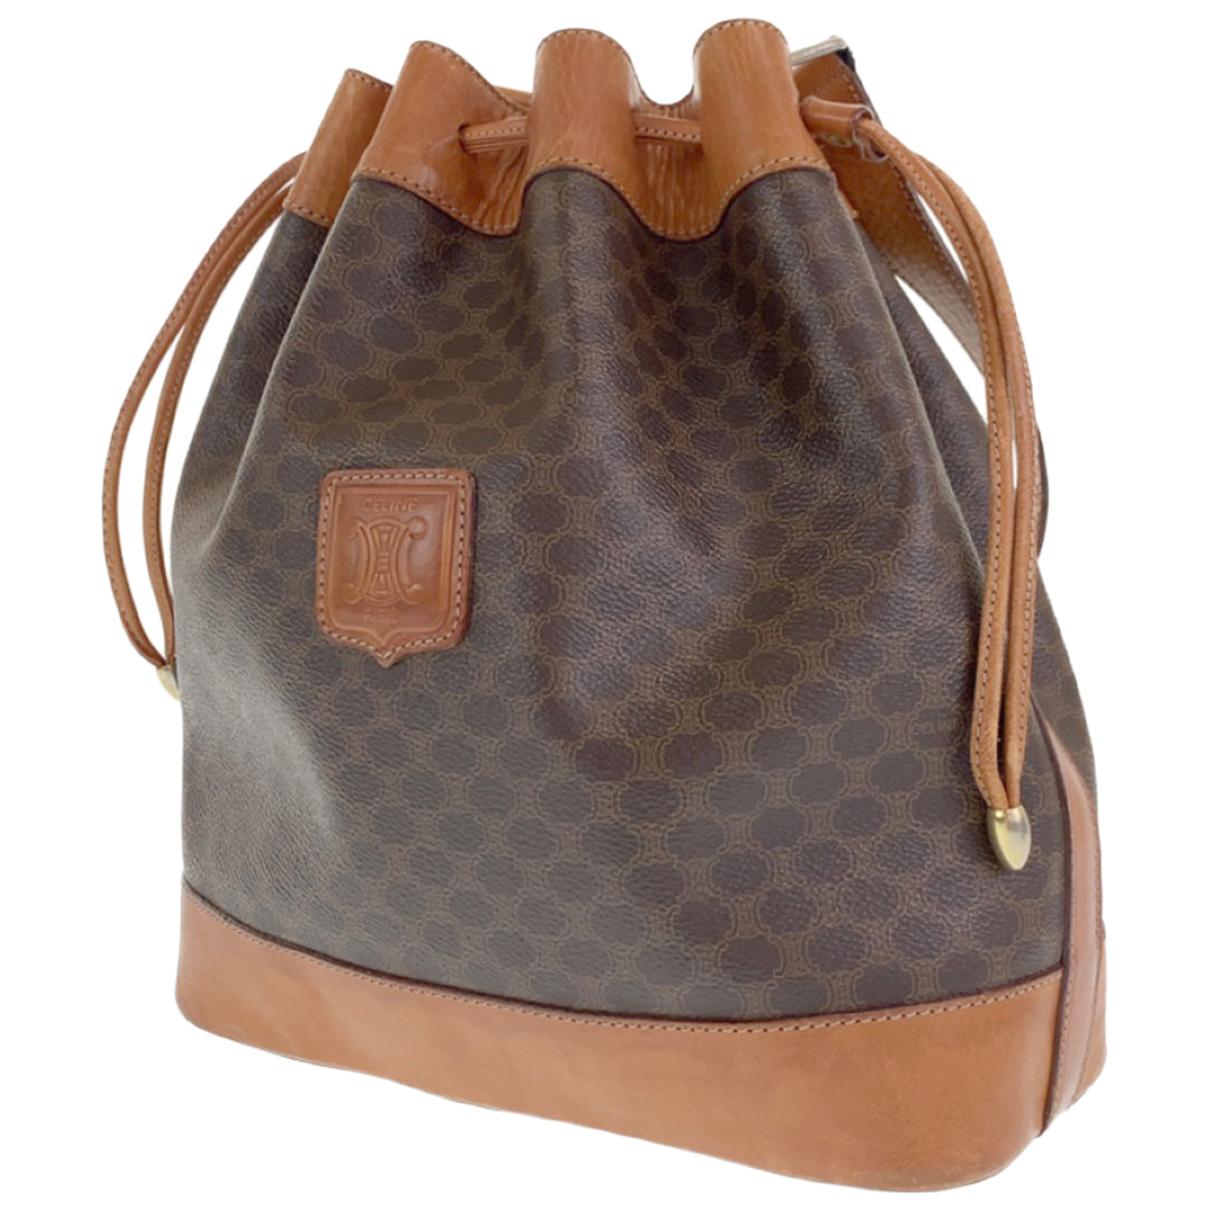 Celine N handbag for Women N